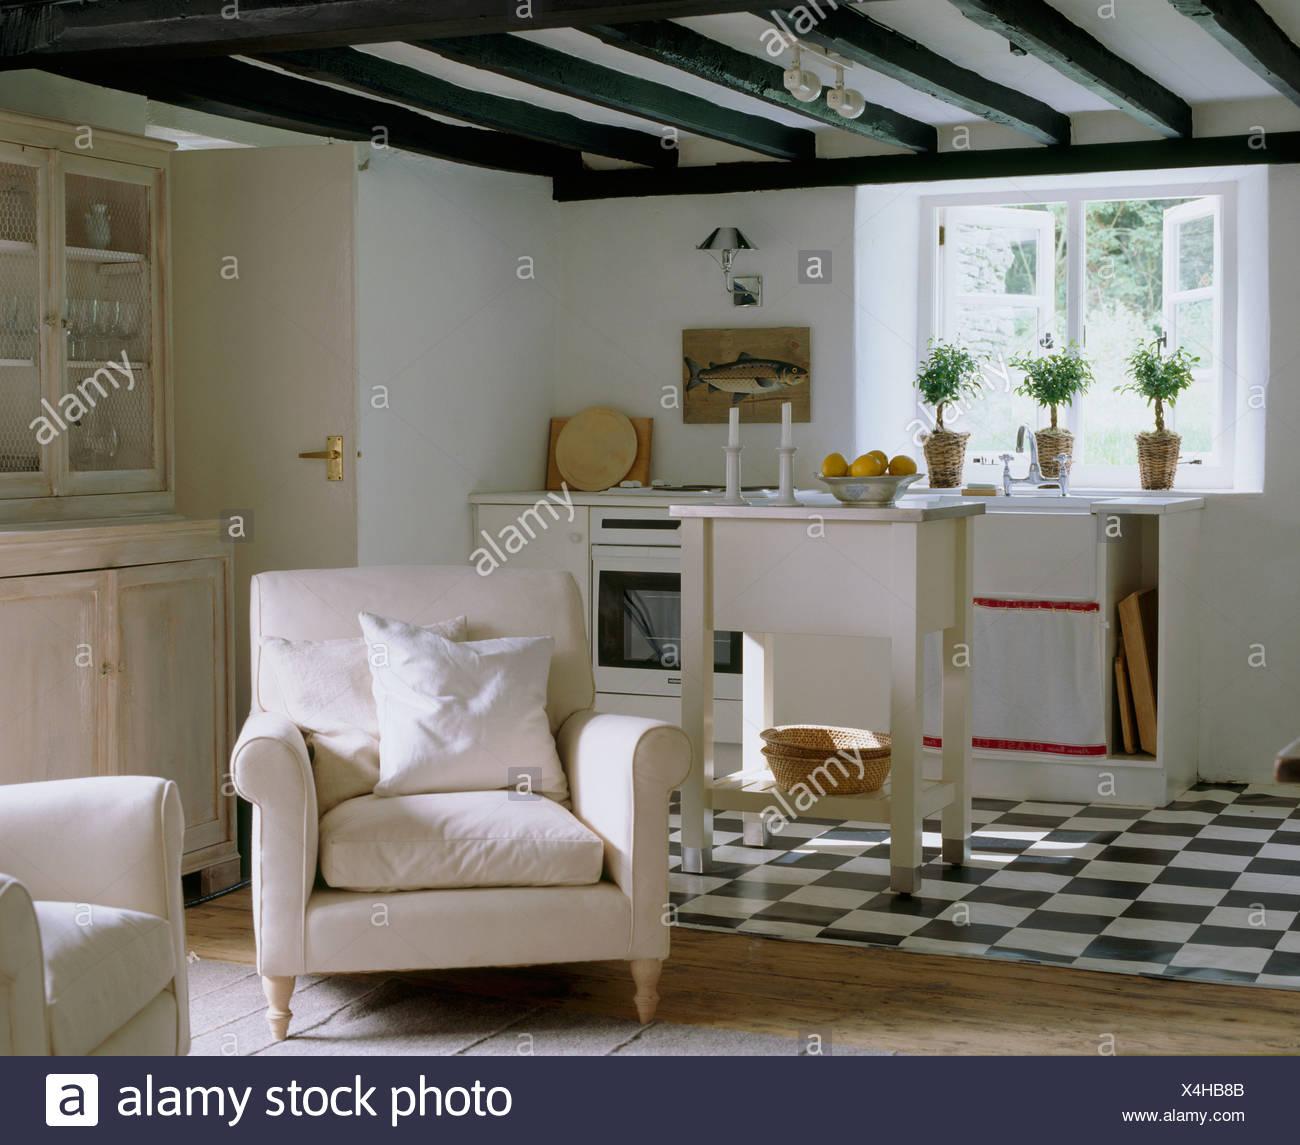 https www alamyimages fr noir blanc en carrelage blanc chalet cuisine ouverte sur un coin salon avec fauteuil blanc et citron vert lave commode image278206555 html